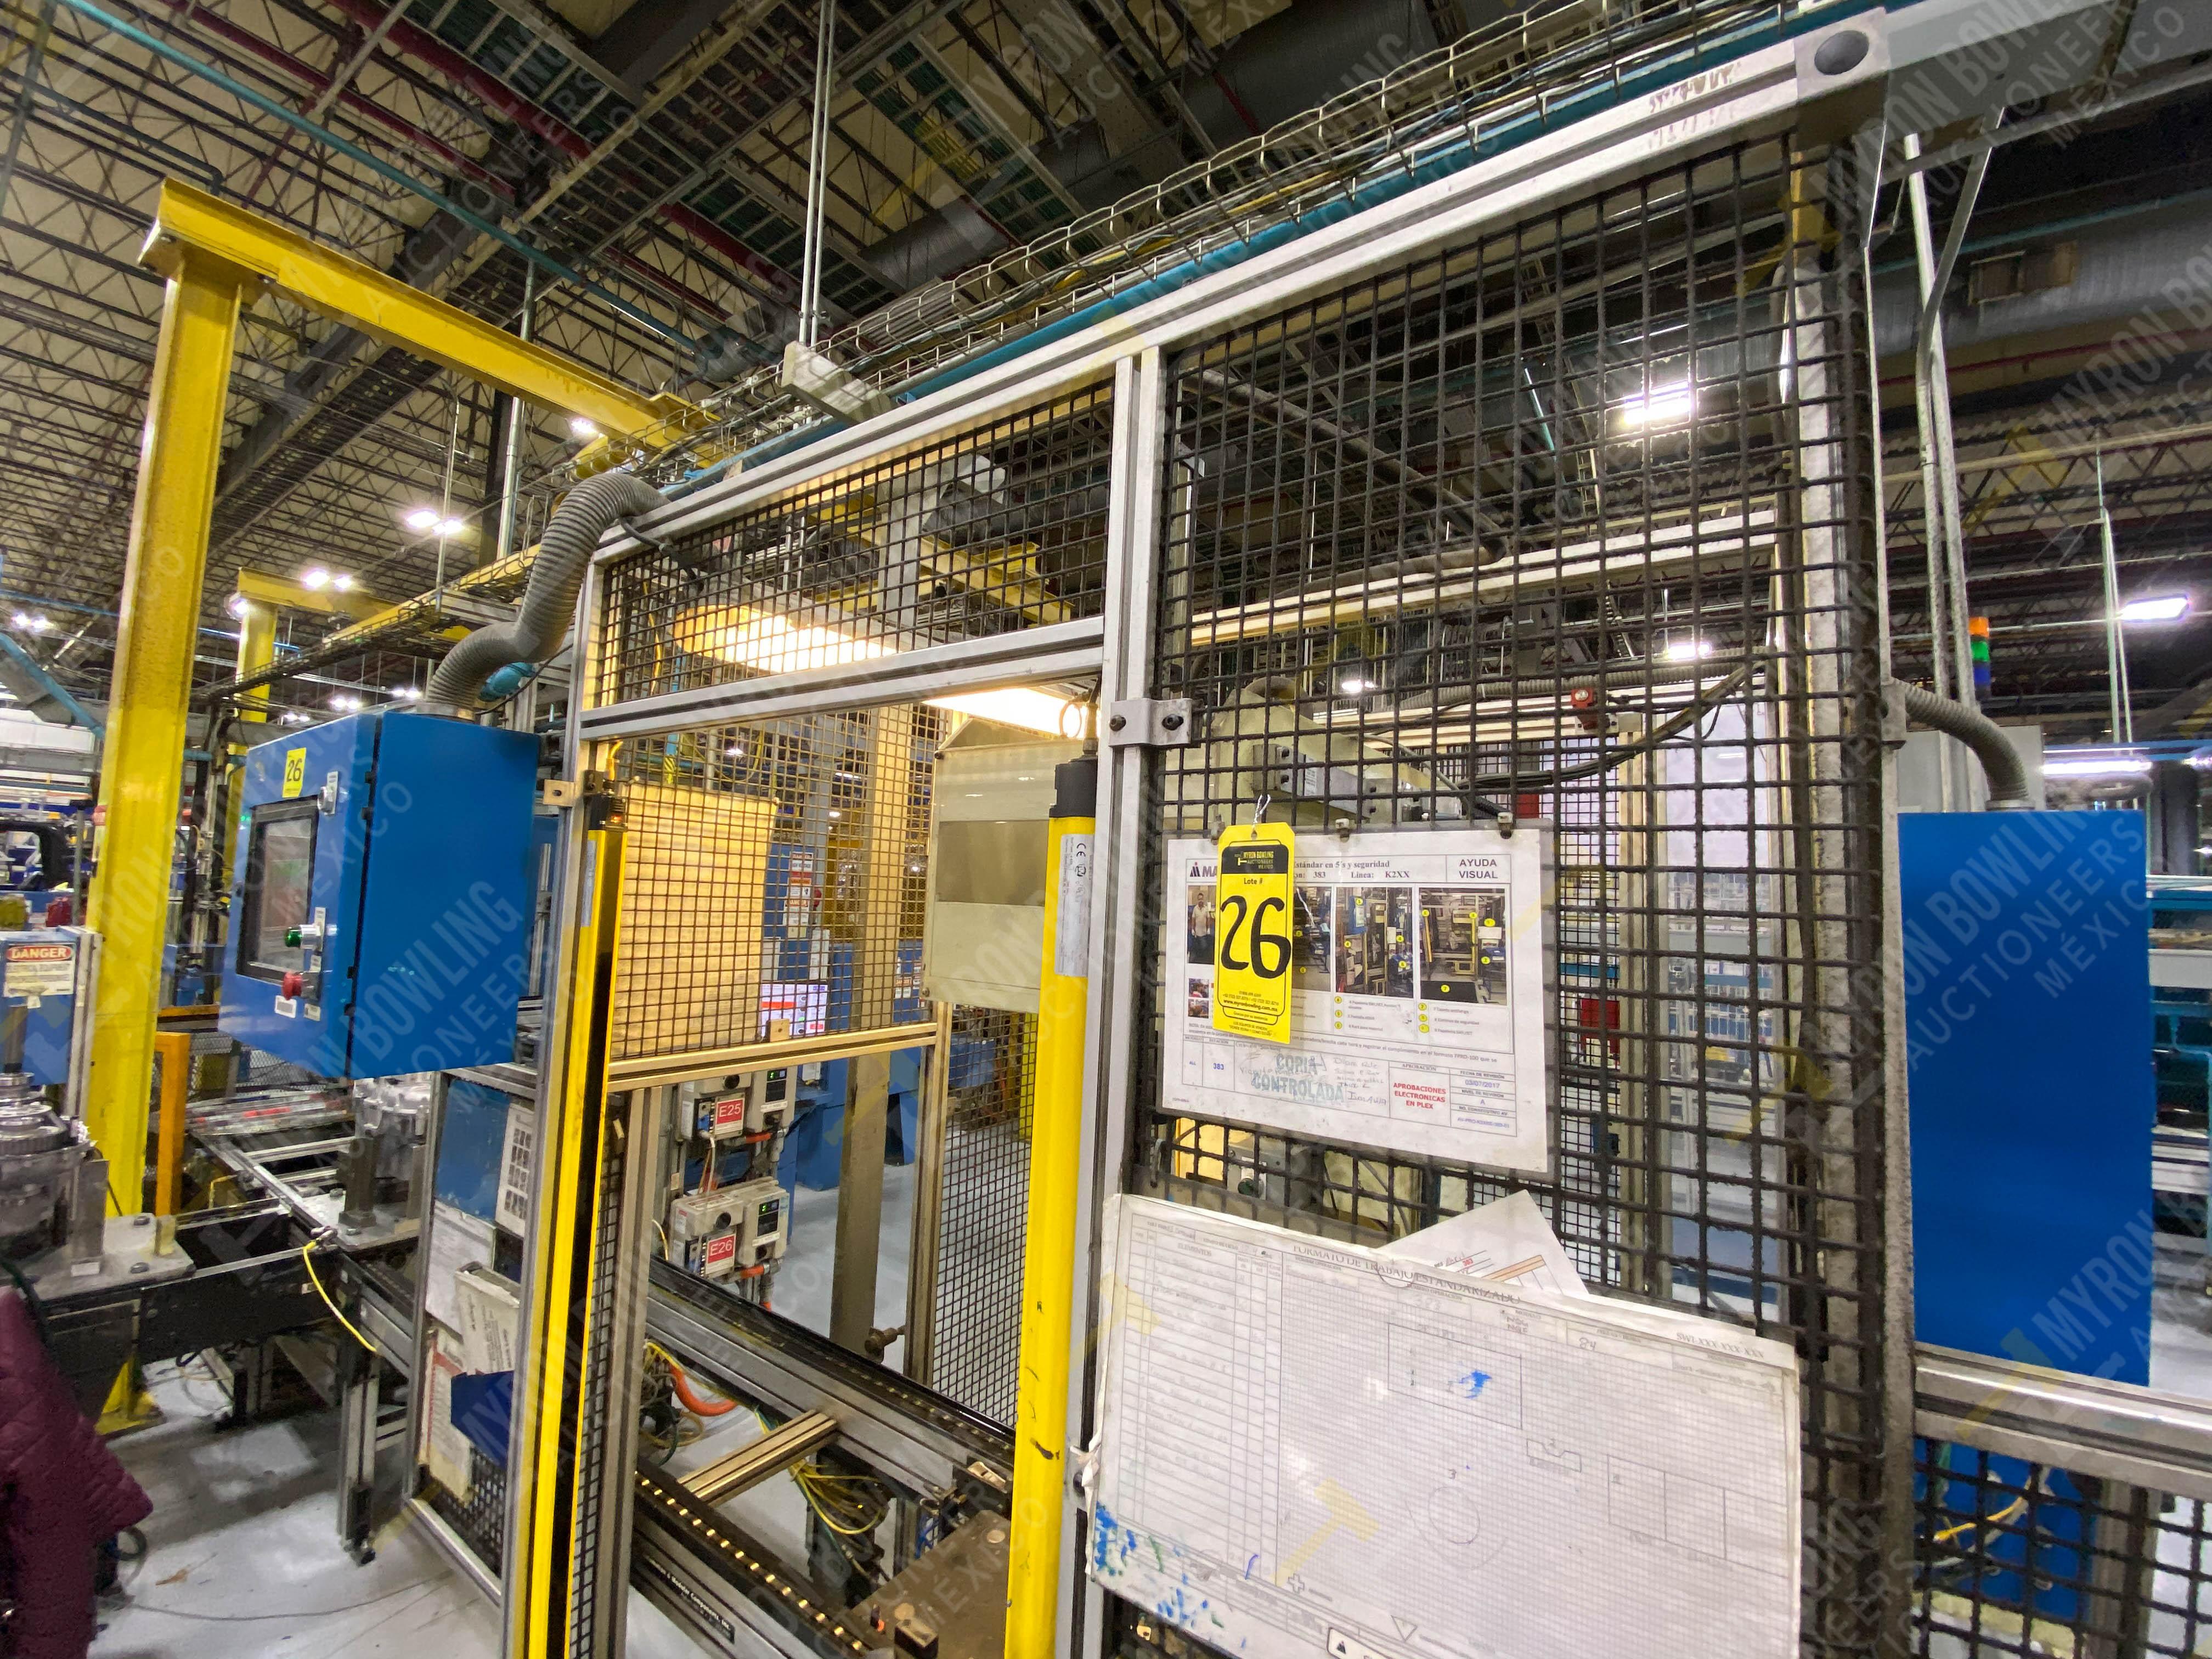 Estación manual para operación 383, contiene: Prensa marca PROMESS en estructura de placa de acero - Image 13 of 27